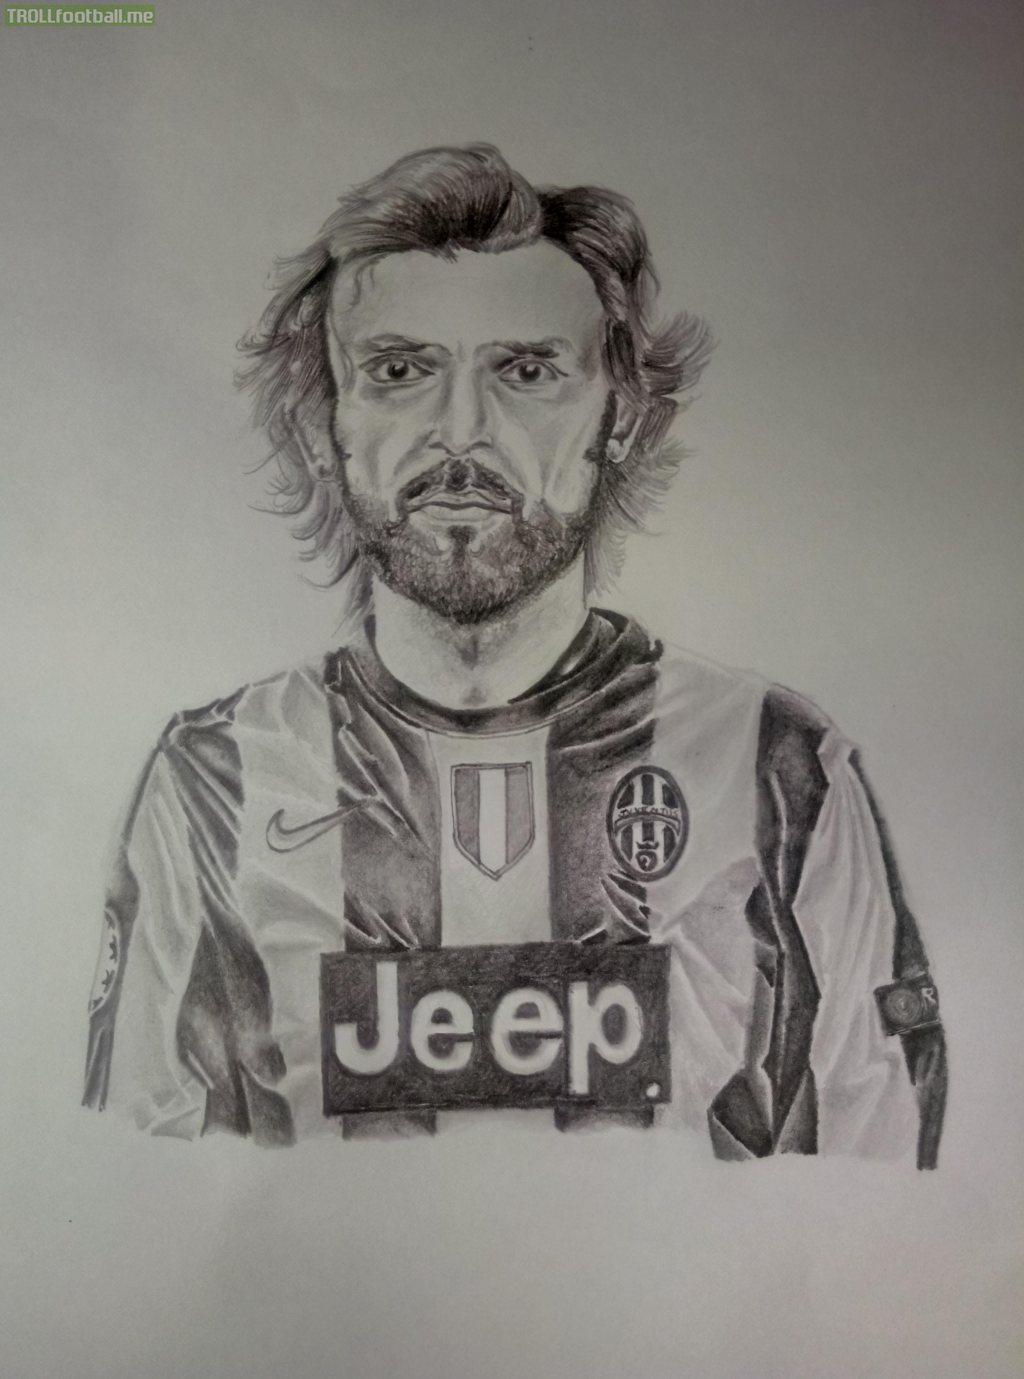 I drew Andrea Pirlo